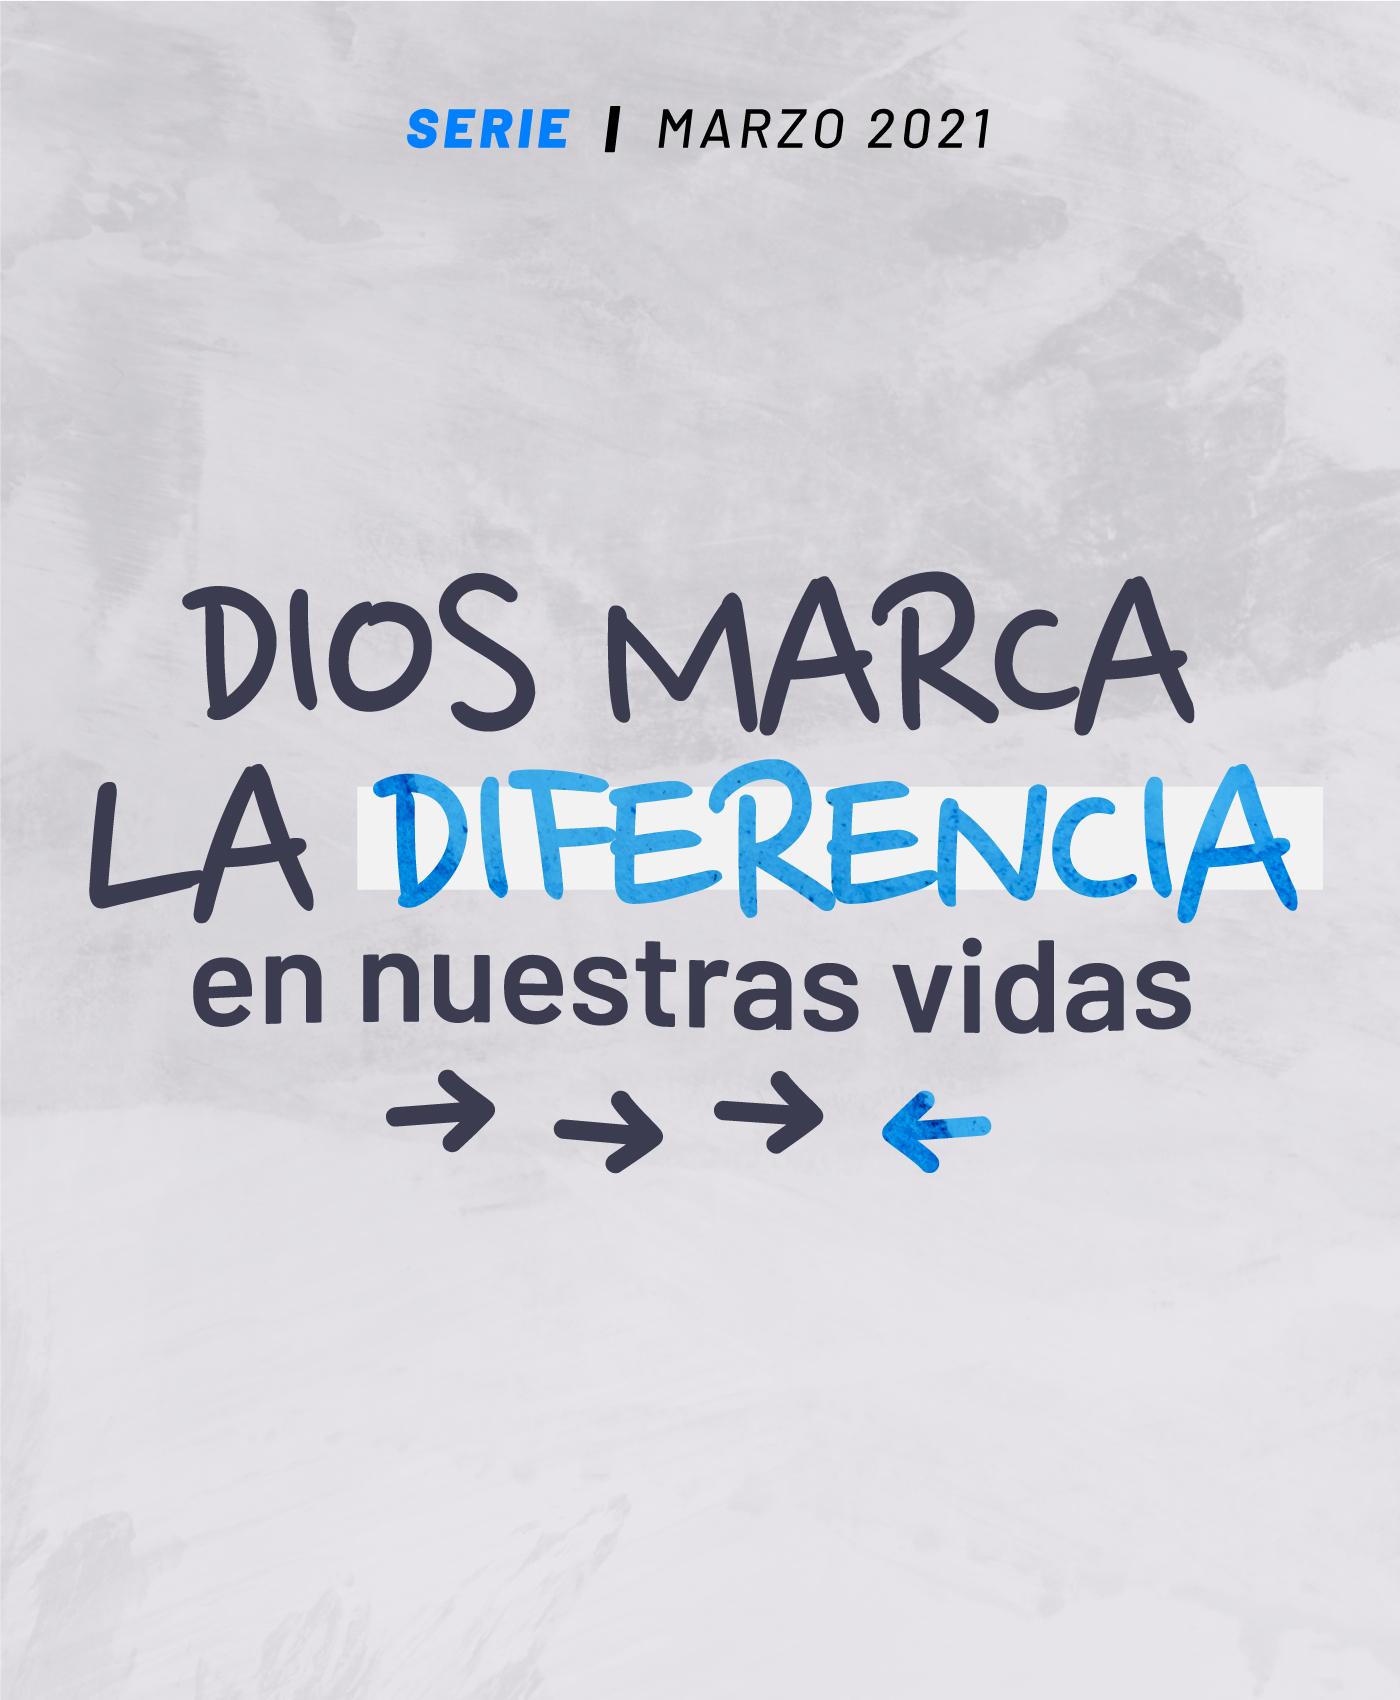 Dios marca la diferencia en nuestras vidas